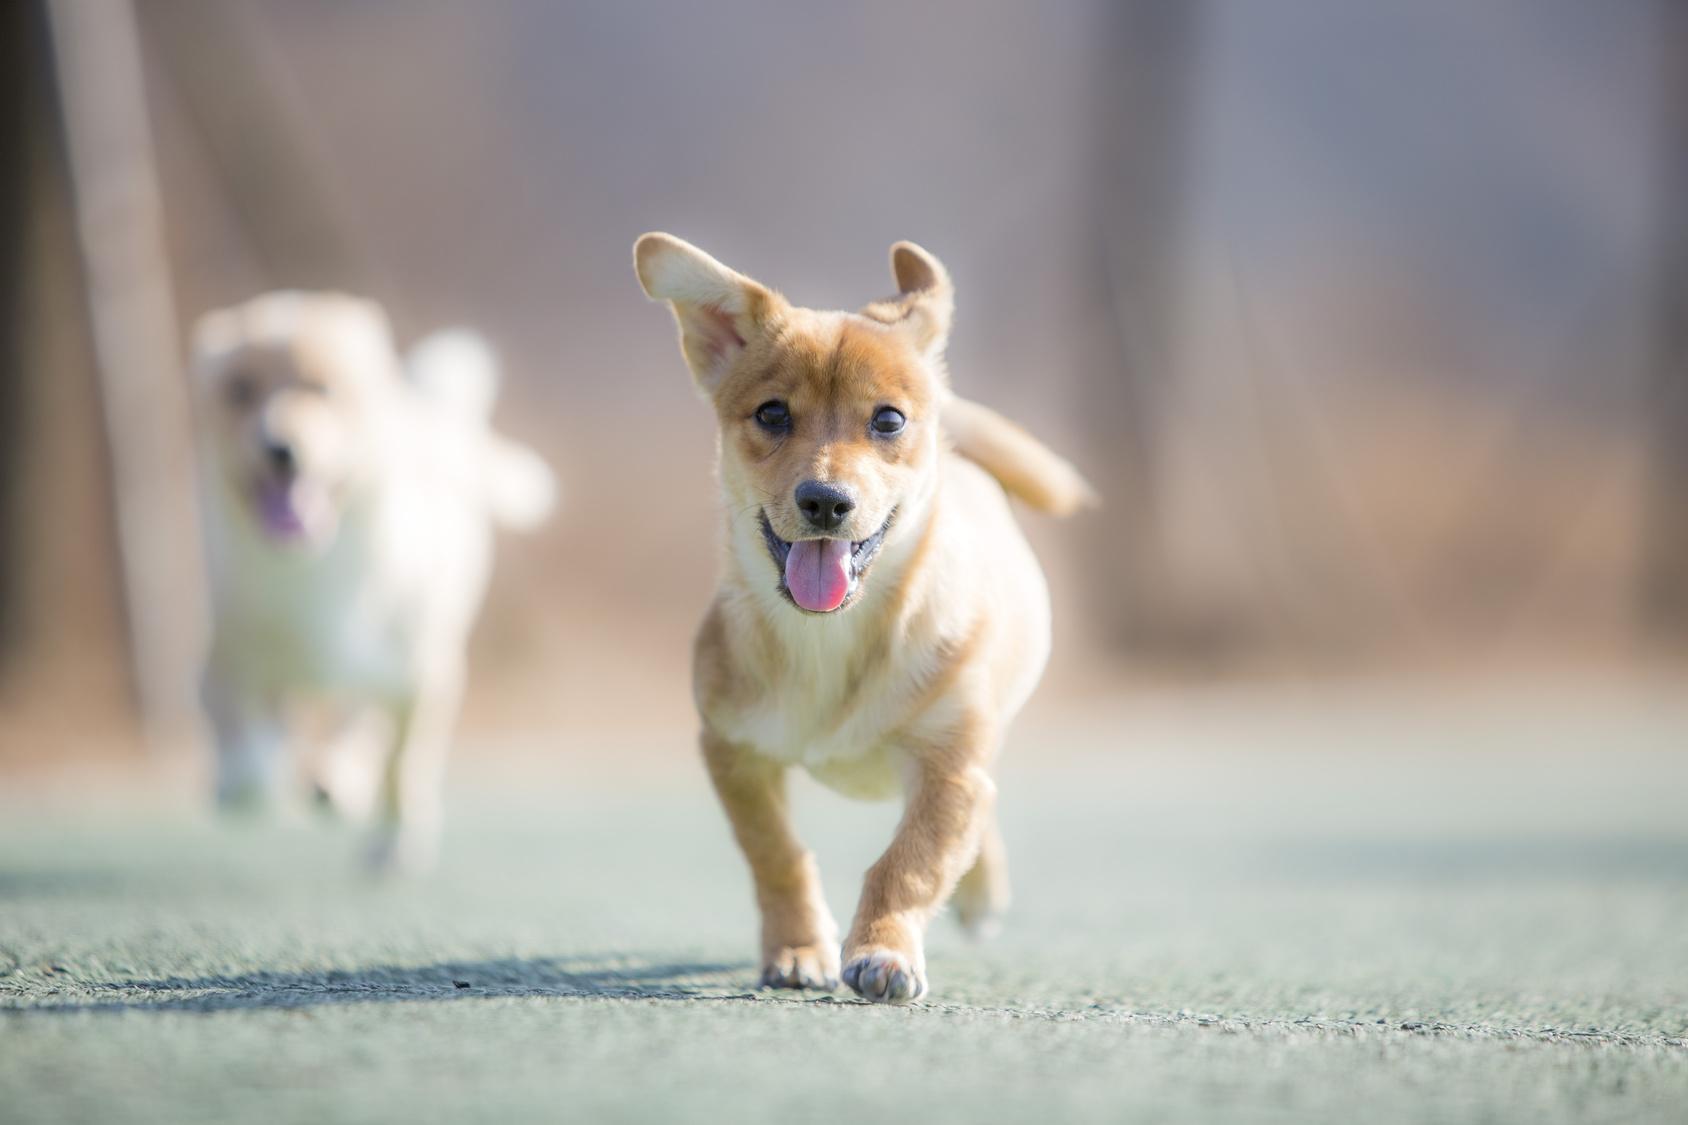 """あなたはどっちのタイプの犬と暮らしたい?""""ゆったり犬""""と""""アクティブ犬"""""""